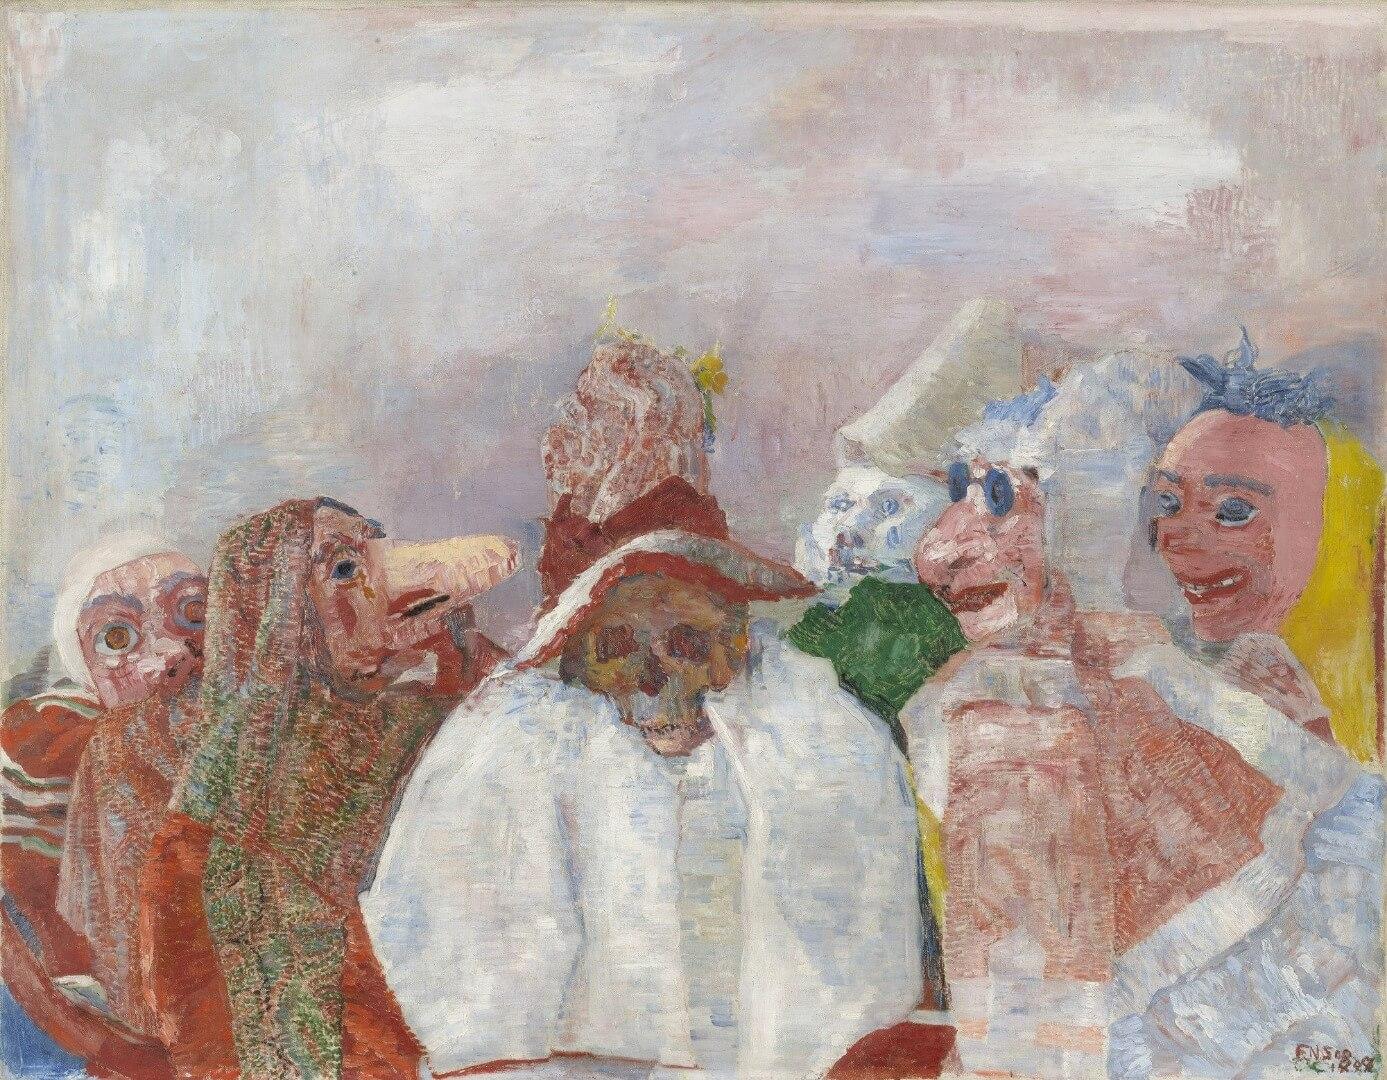 גיימס אנסור, מסכות מול המוות, 1880